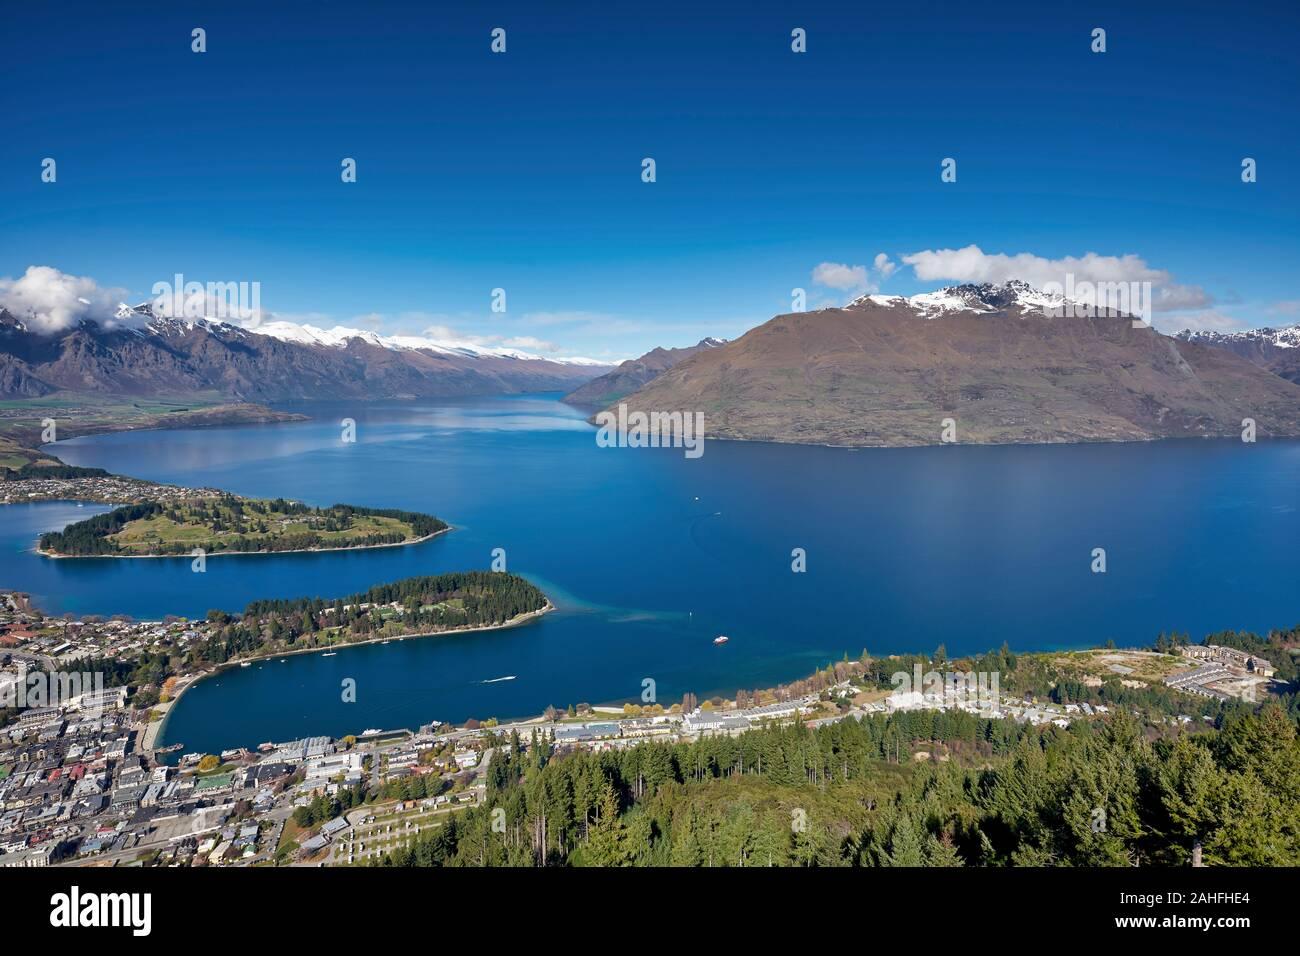 El lago Wakatipu. Queenstown. El sur de la isla. Nueva Zelanda Foto de stock